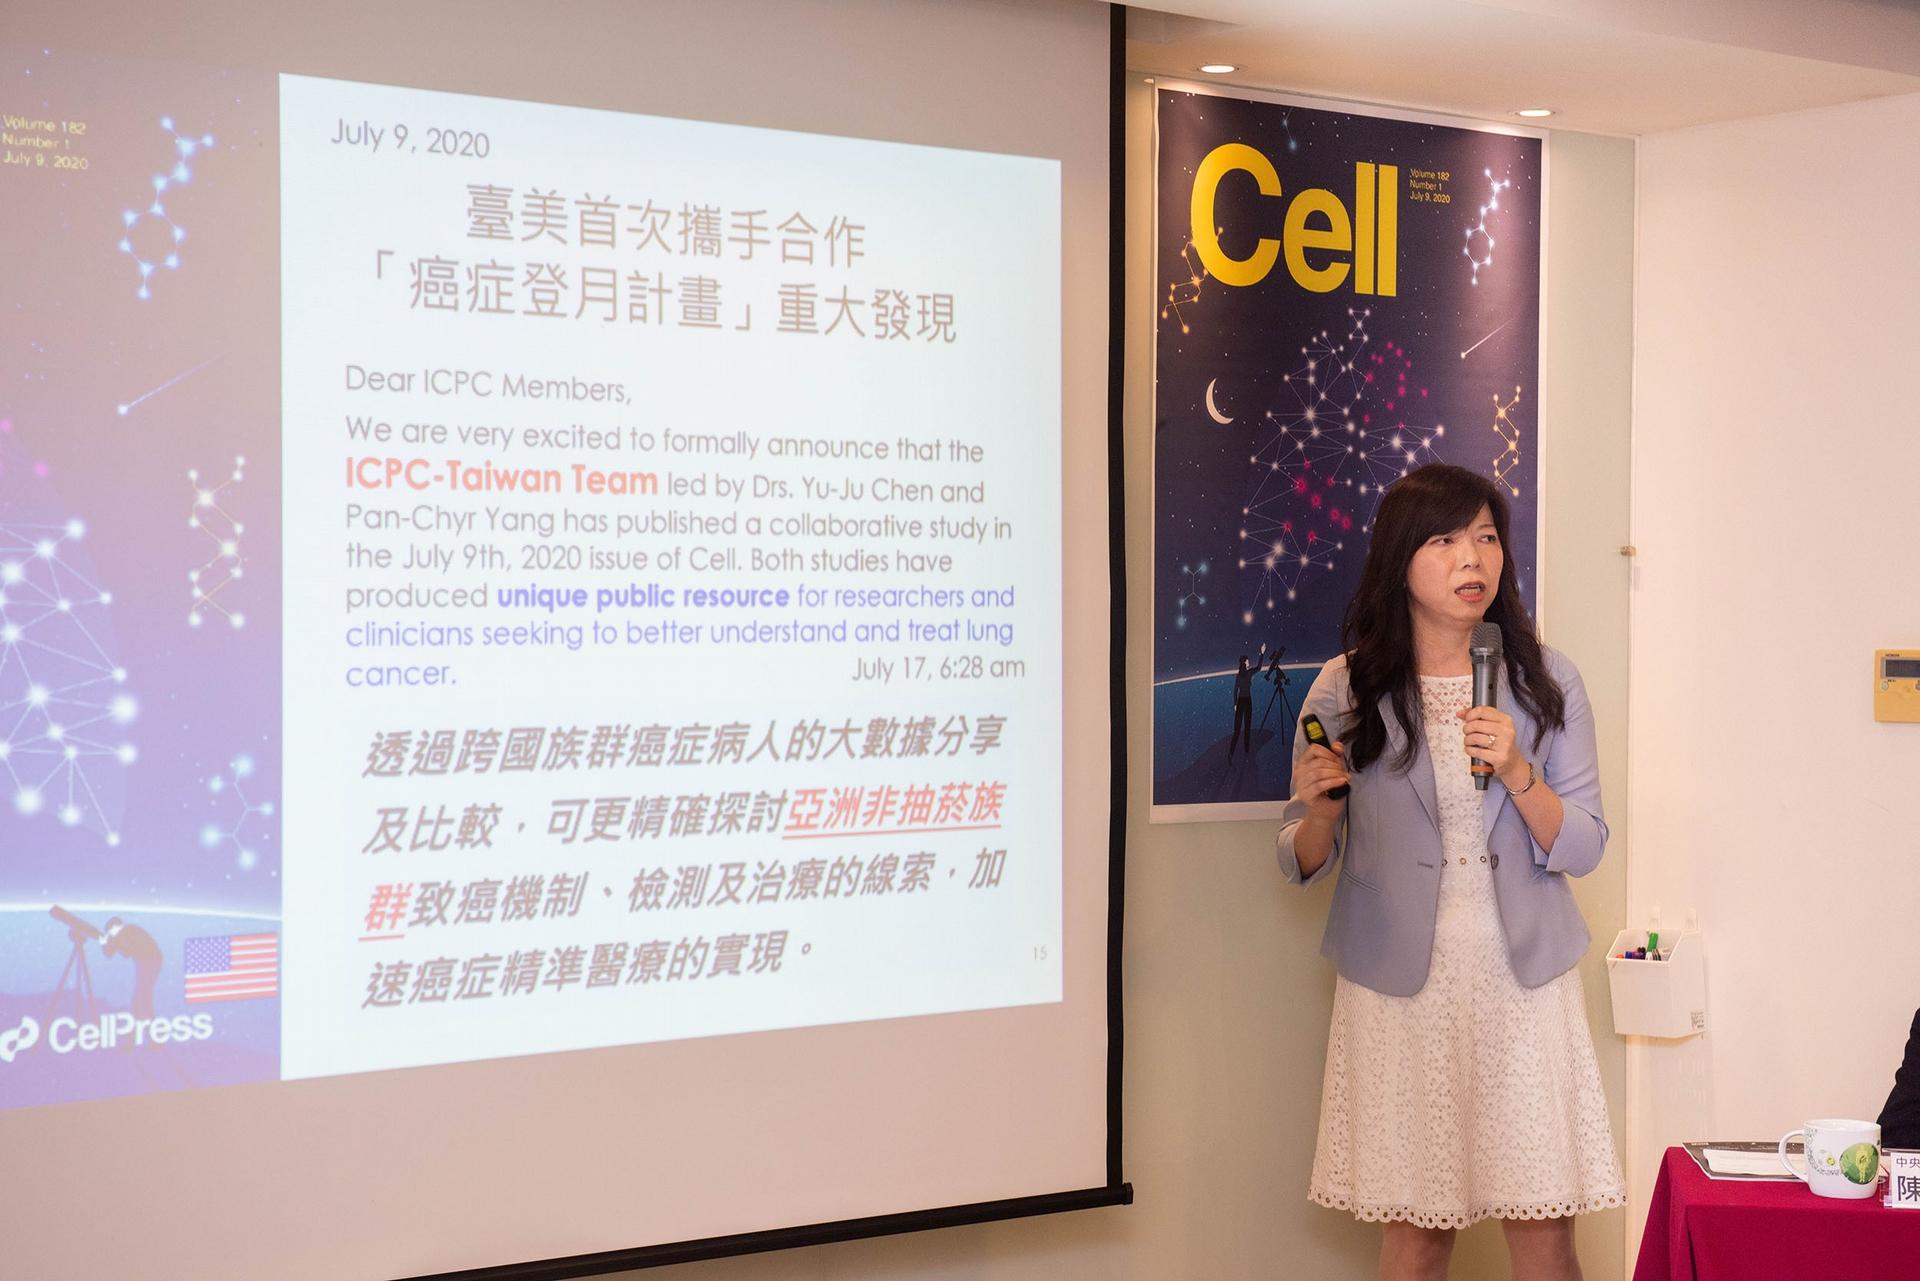 中研院化學所陳玉如所長領導「臺灣癌症登月計畫」,找出臺灣人不吸菸肺癌可能的致病機轉,成果發表在期刊《細胞》(Cell)。 圖│中研院秘書處